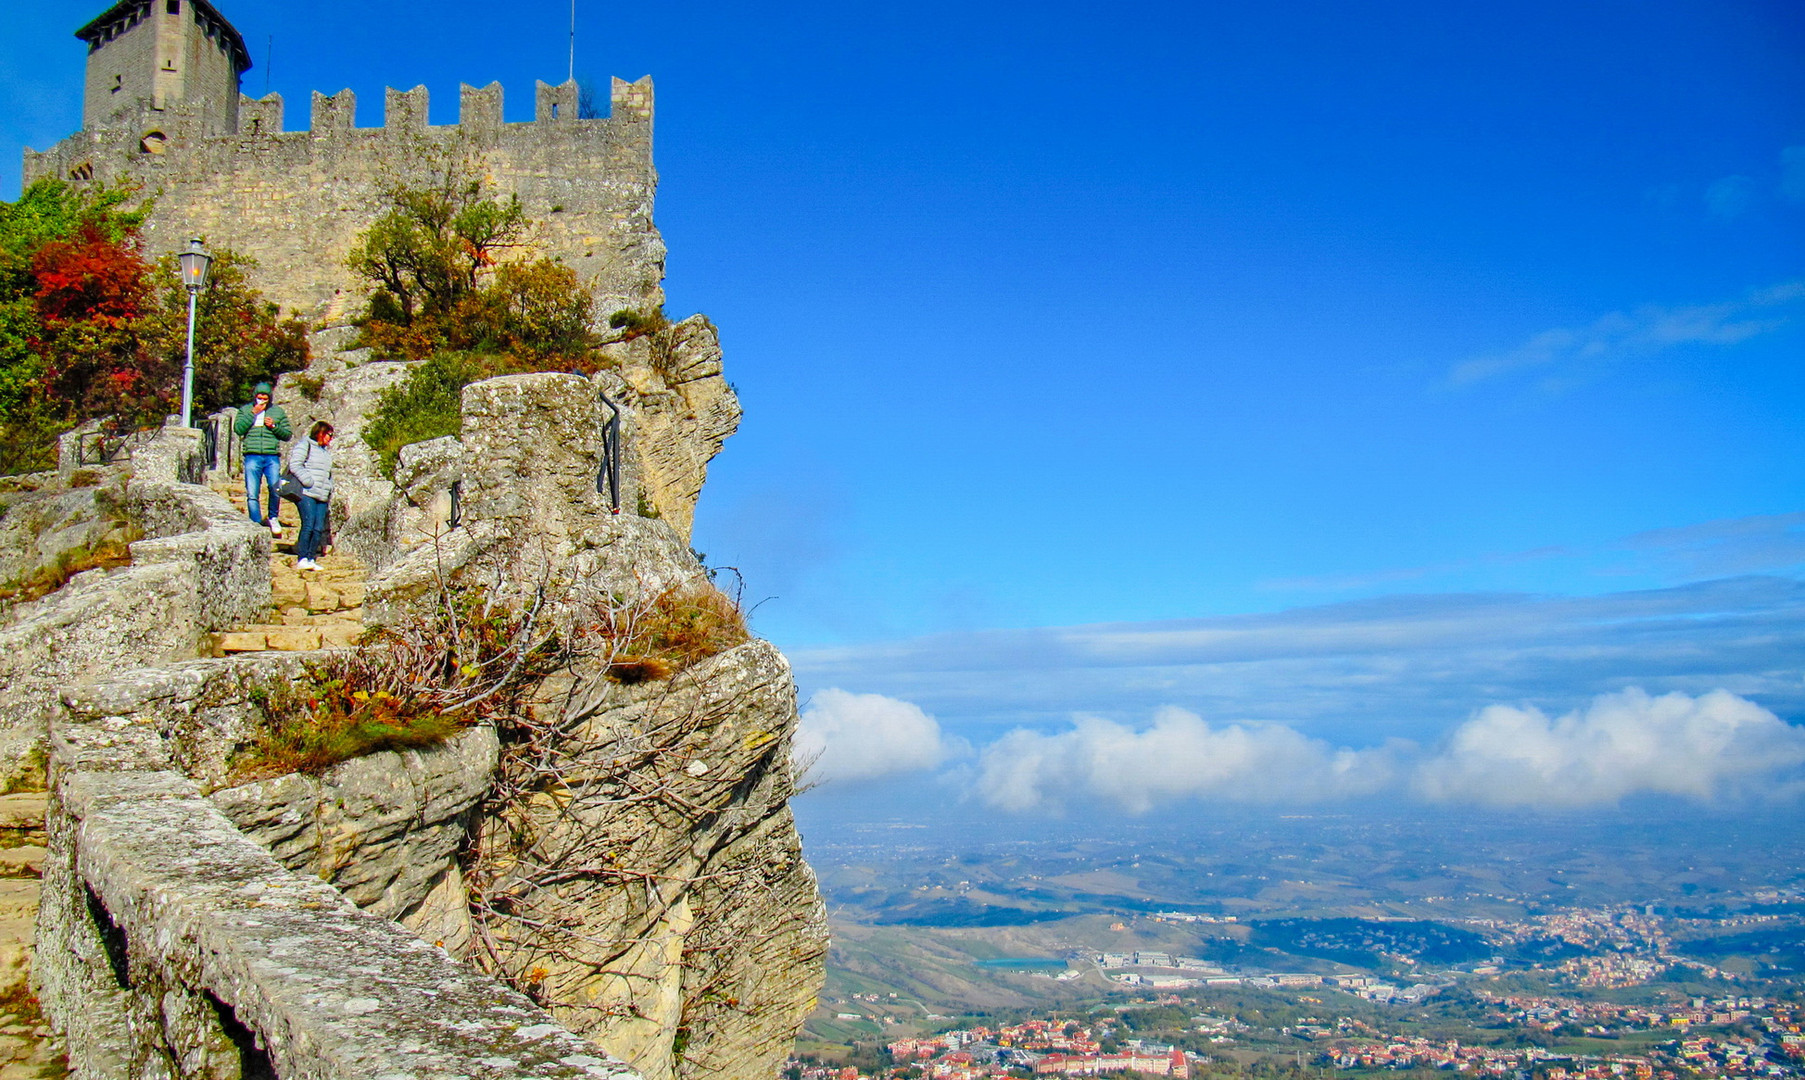 Крепостные стены крепости Гуаита